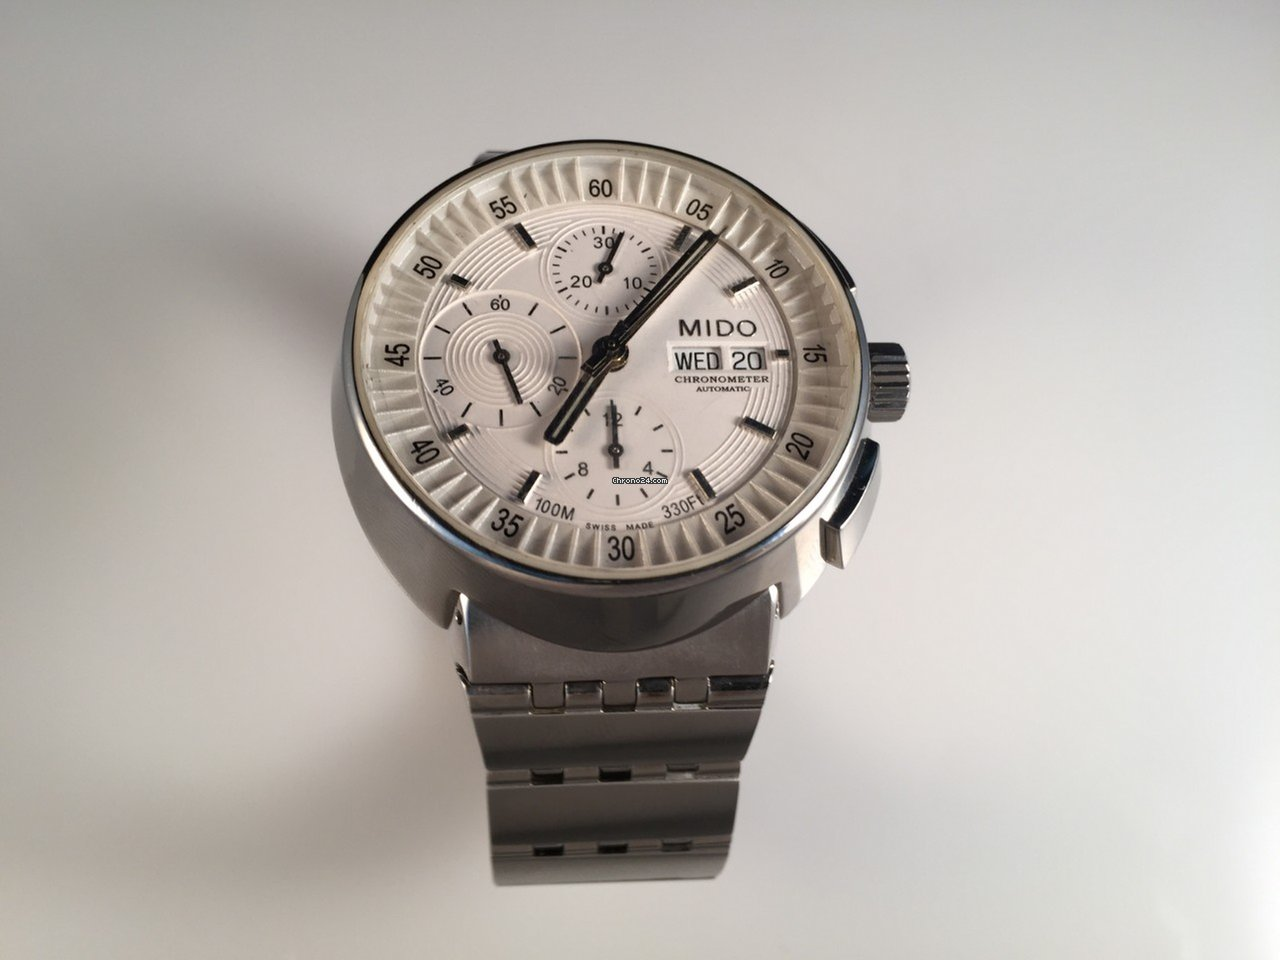 6479339a428e Relojes Mido de segunda mano - Compare el precio de los relojes Mido